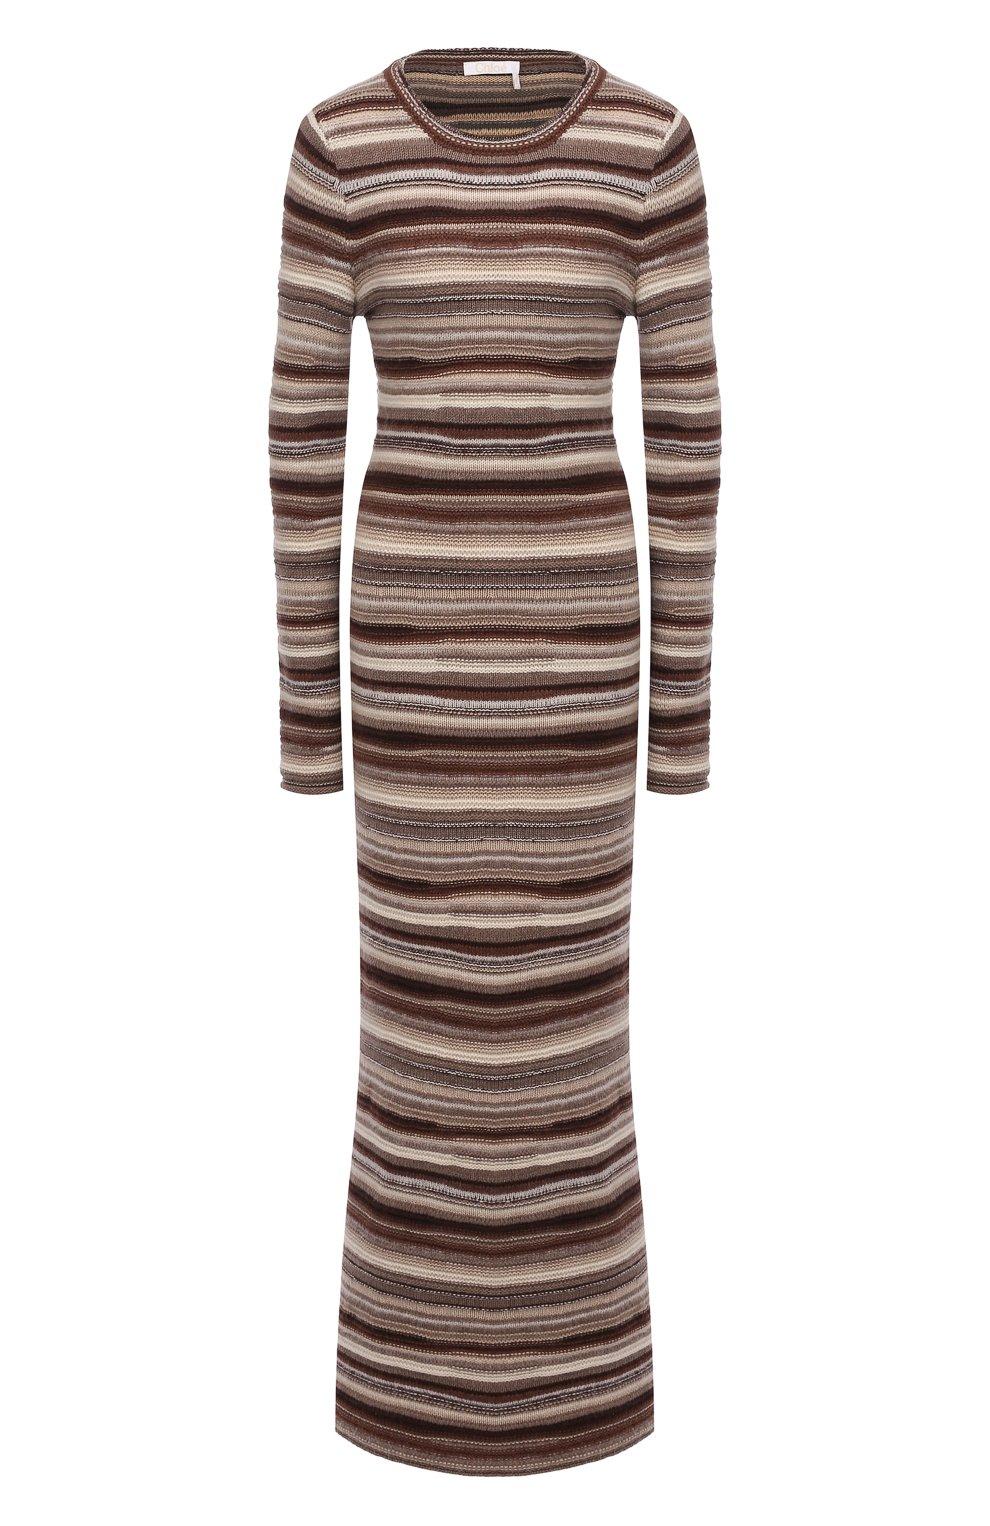 Женское платье из кашемира и шерсти CHLOÉ коричневого цвета, арт. CHC21WMR08670   Фото 1 (Материал внешний: Шерсть, Кашемир; Рукава: Длинные; Случай: Повседневный; Кросс-КТ: Трикотаж; Длина Ж (юбки, платья, шорты): Макси; Женское Кросс-КТ: Платье-одежда; Стили: Кэжуэл)